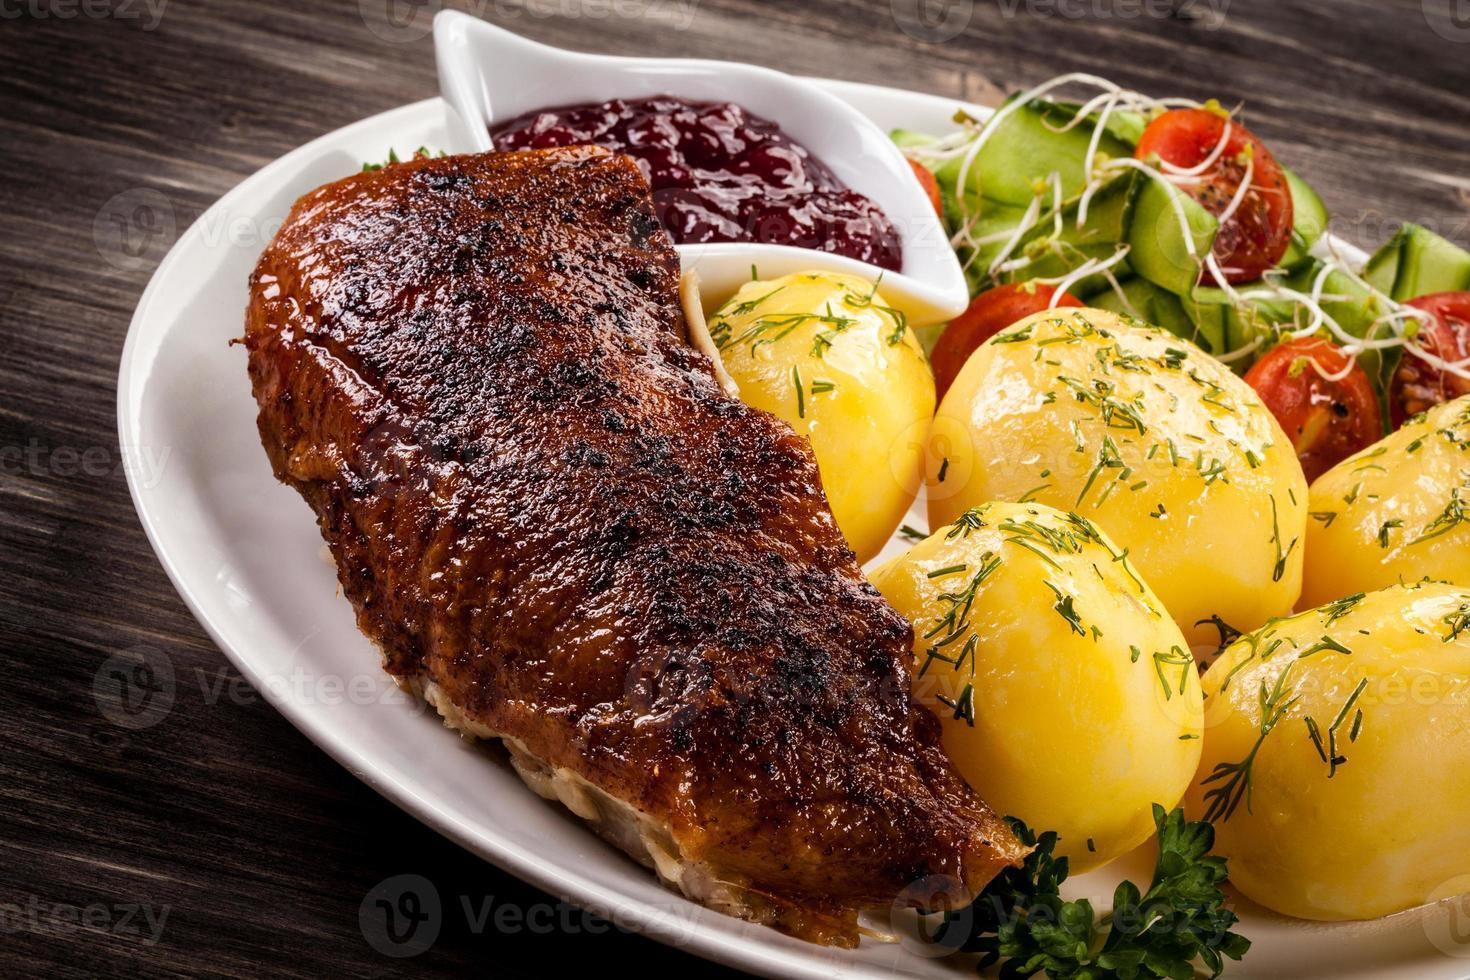 filé de pato grelhado, batatas cozidas e salada de legumes foto